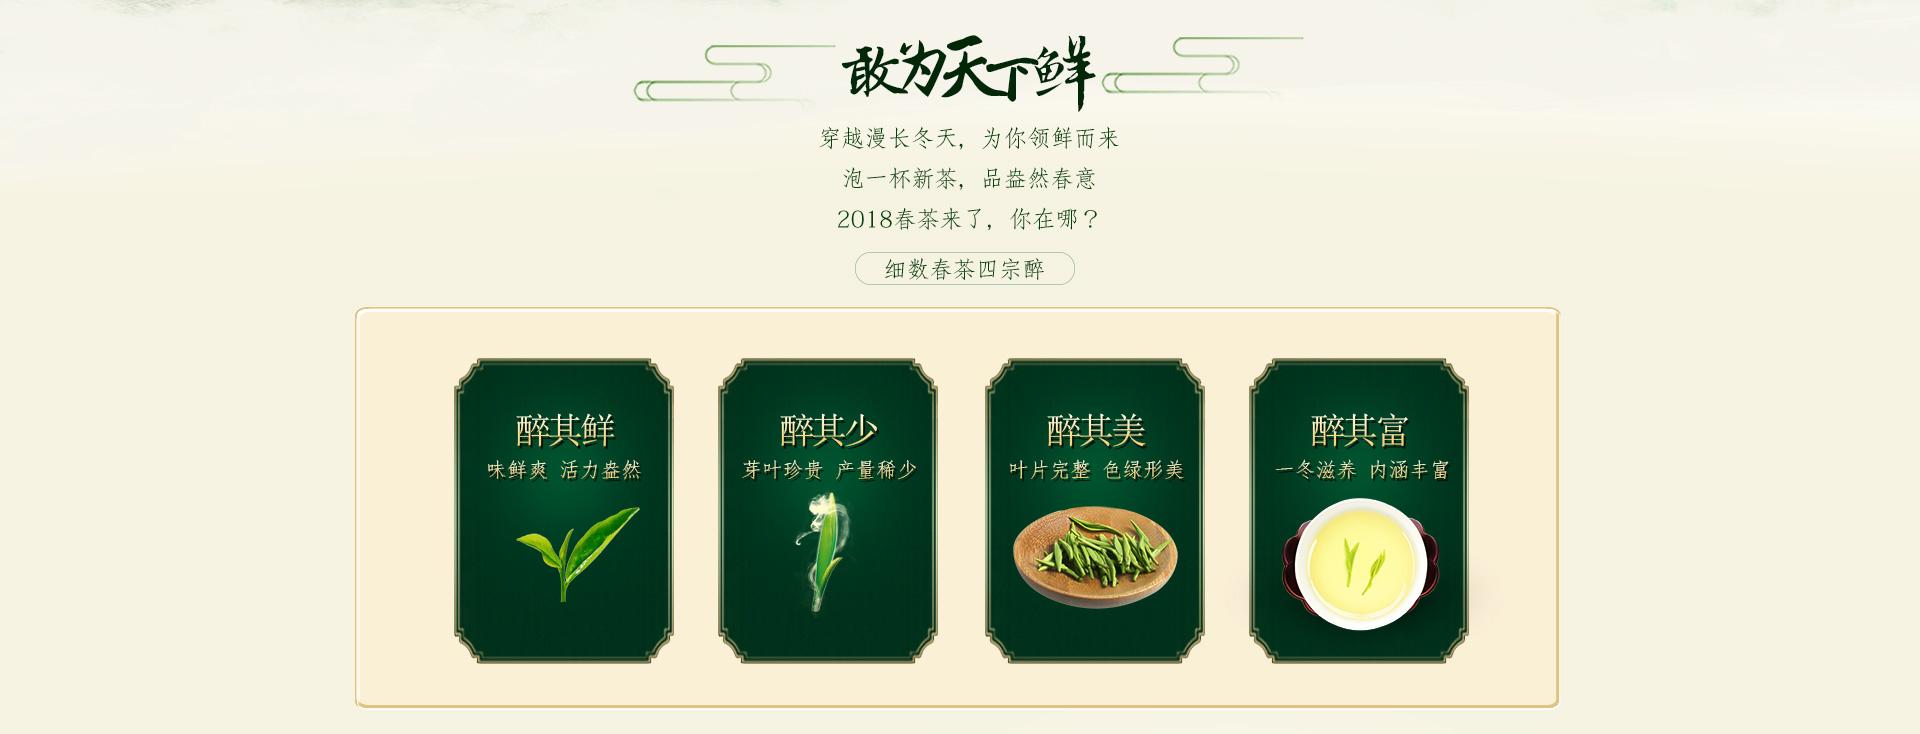 绿茶预售_02